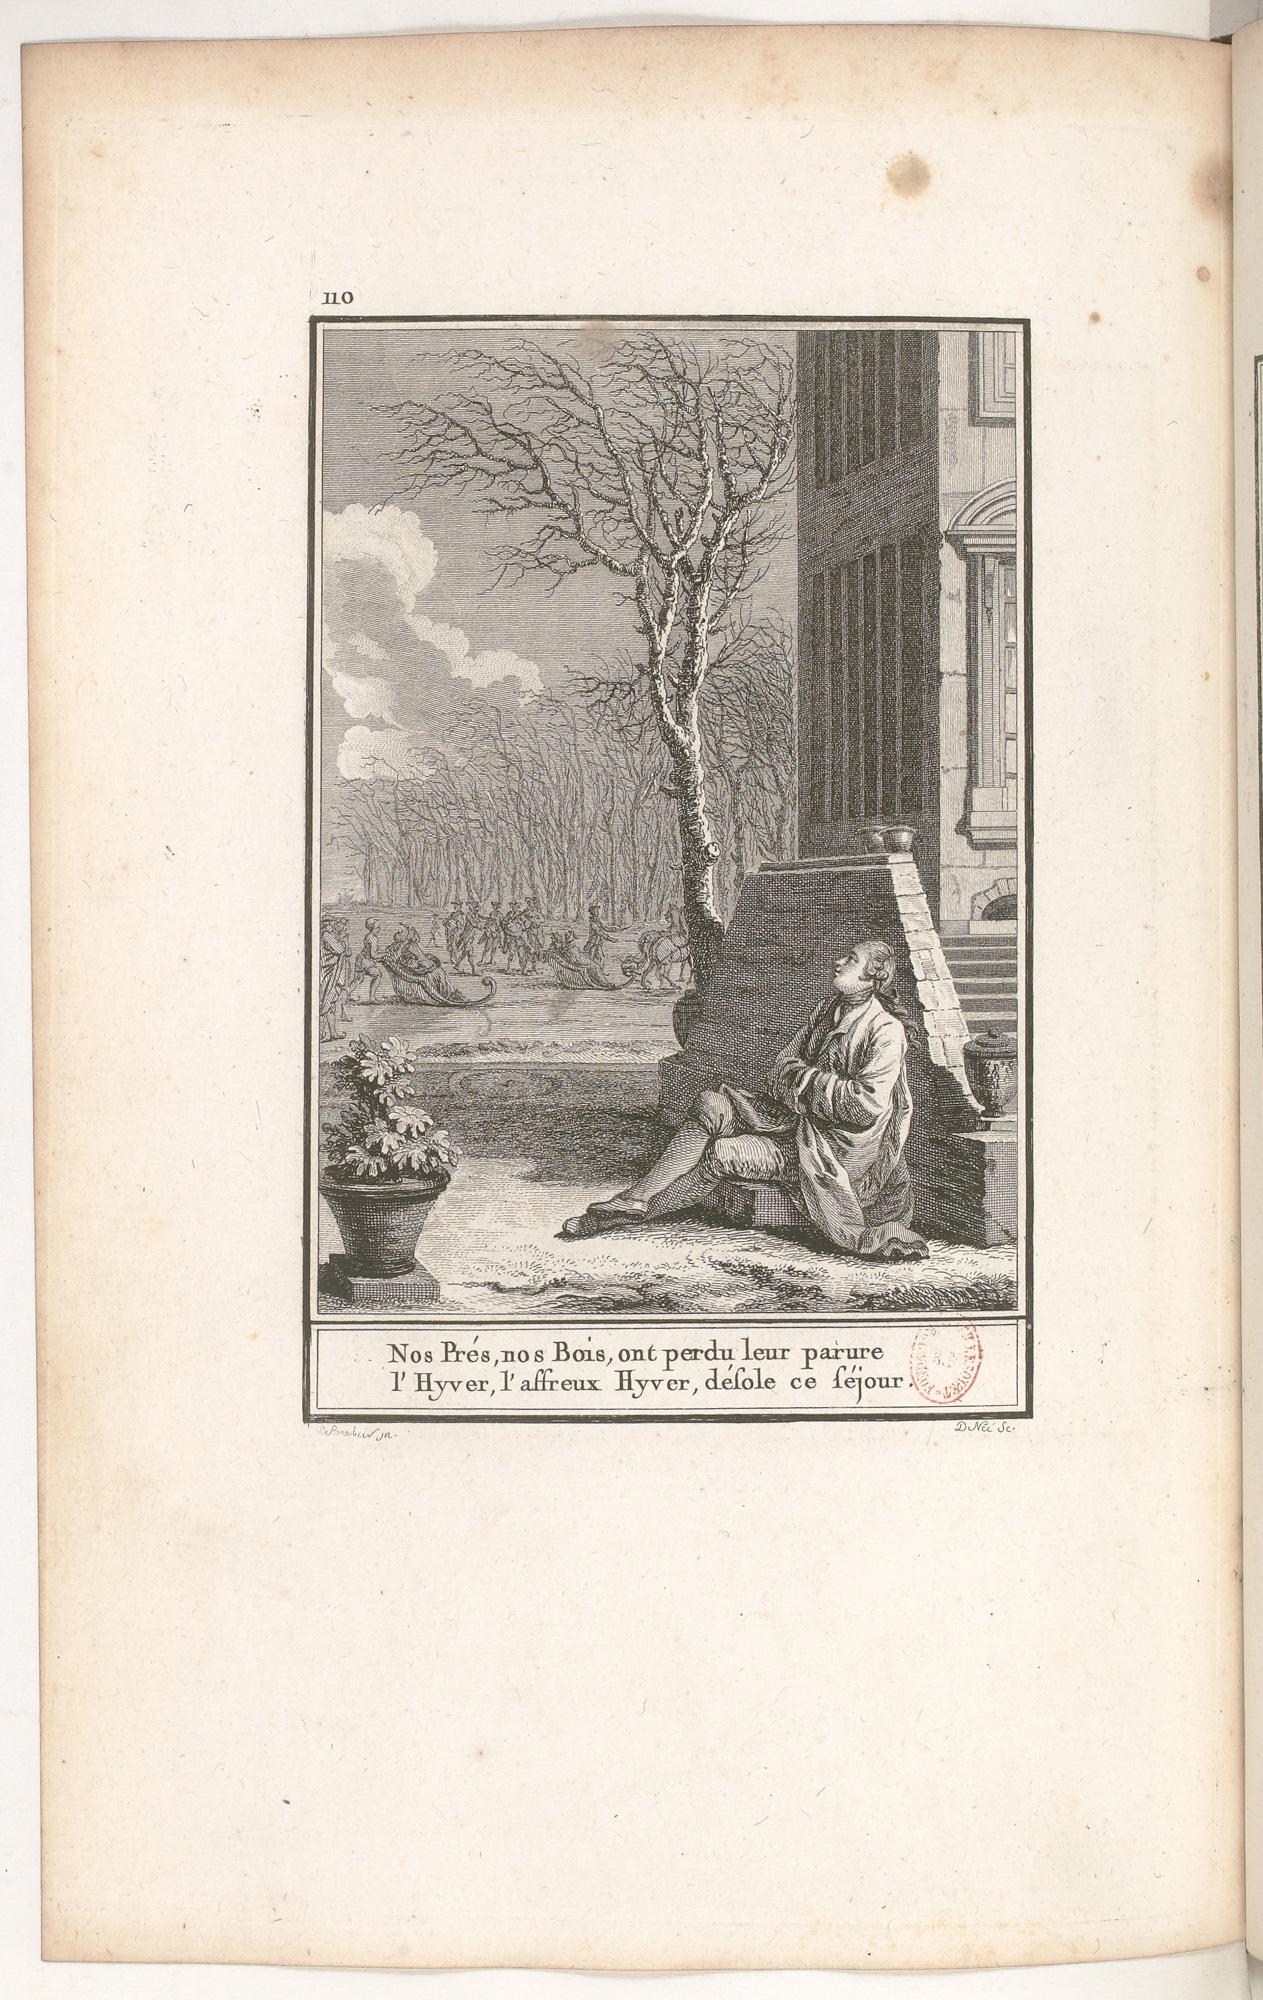 S.4.19 Le pouvoir de l'amour,1772, Image